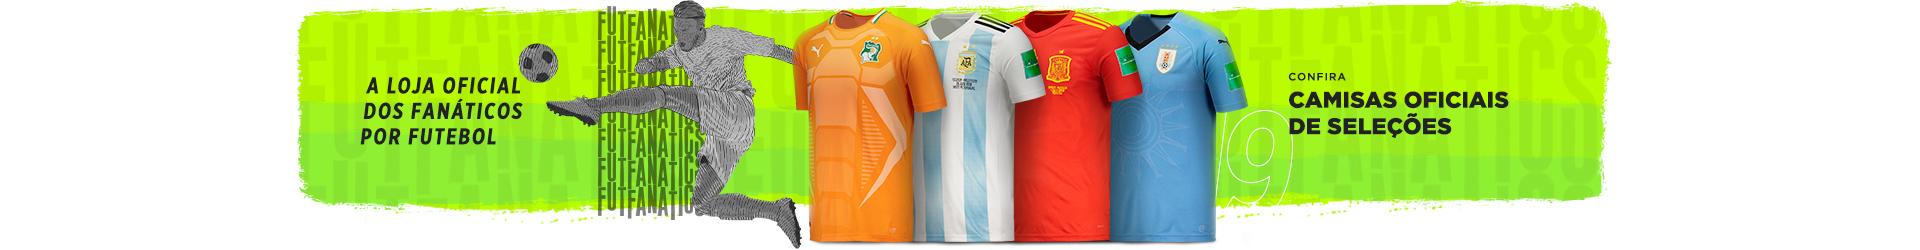 4f1273ab24d95 Camisas Oficiais de Futebol da Seleção da Itália - FutFanatics